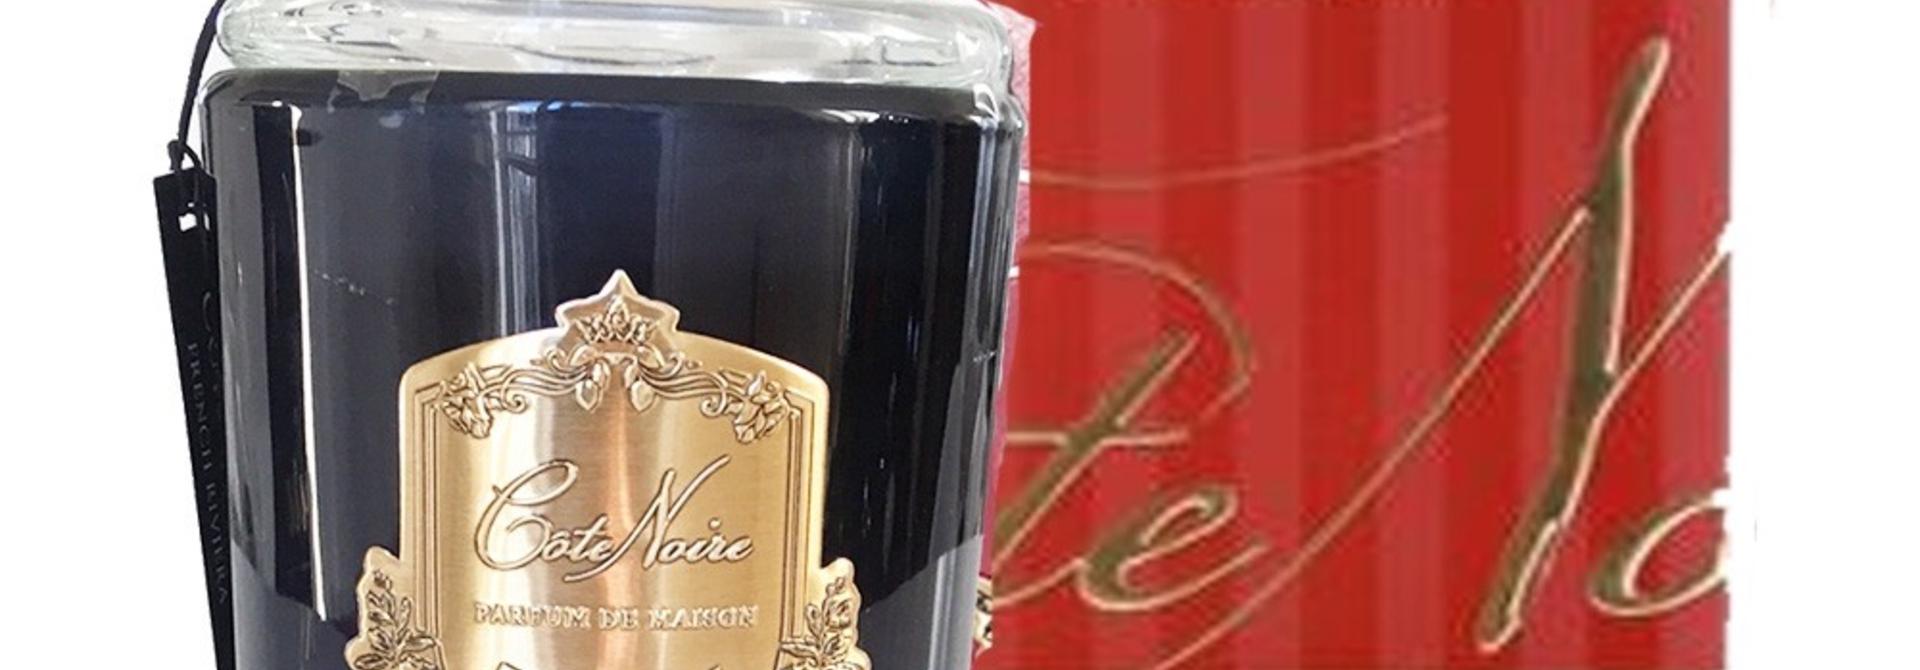 COTE NOIRE -  Candle Cognac and Tobacco 450gr